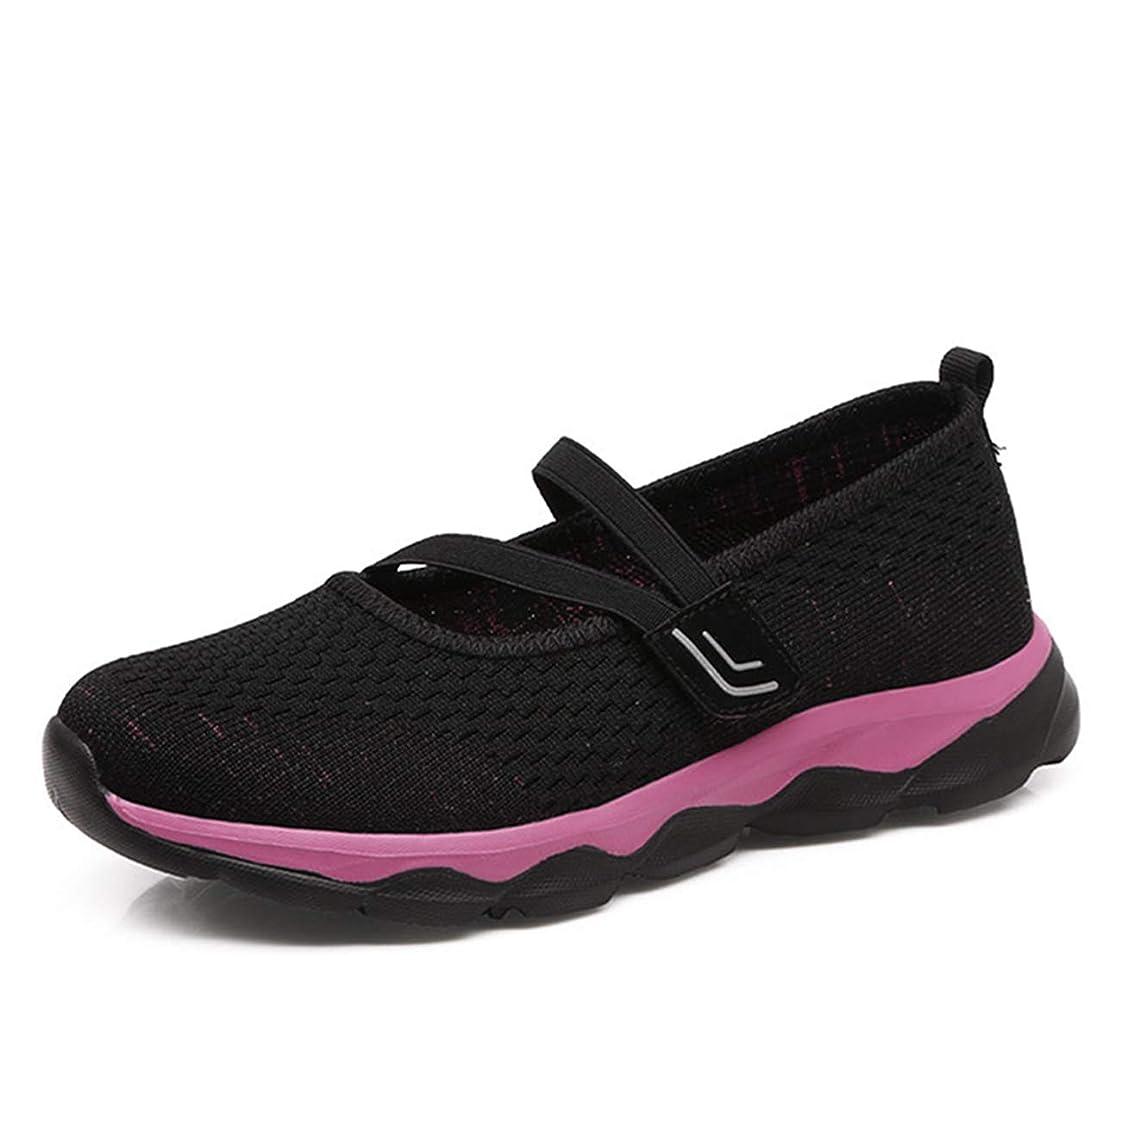 重要性。腹痛[Fatyet] ナースシューズ 安全靴 看護師 介護士 スリッポン サンダル超軽量 かかと踏める 2way履き 通気性 柔軟性 通気 室内 妊娠 お母さん 婦人靴 つかれにくい ナースシューズ 白 ホワイト